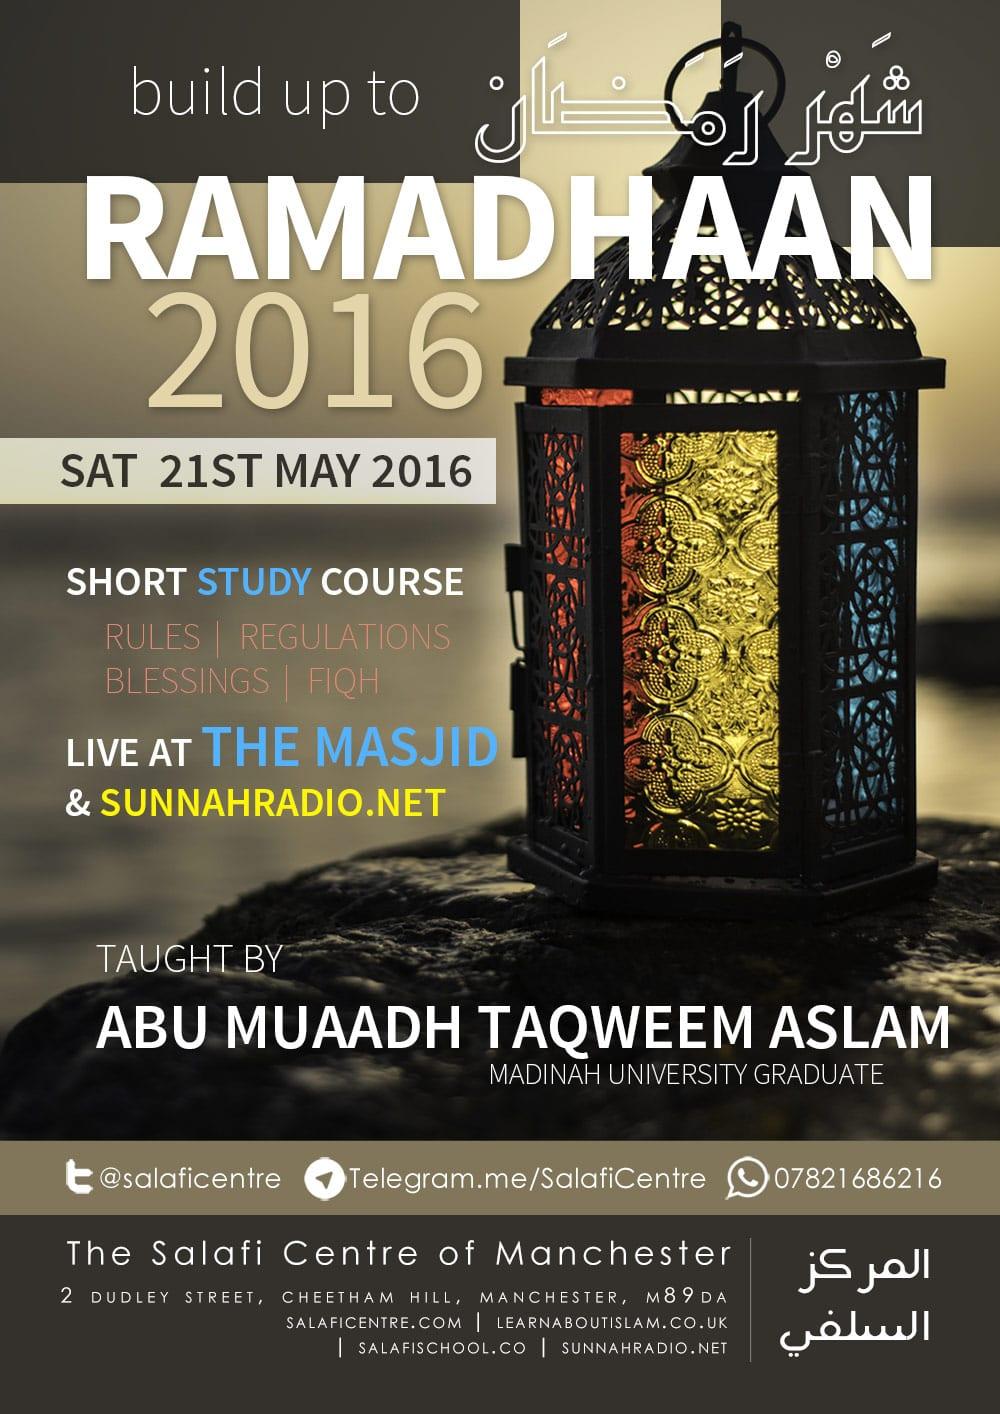 ramadhaan-2016